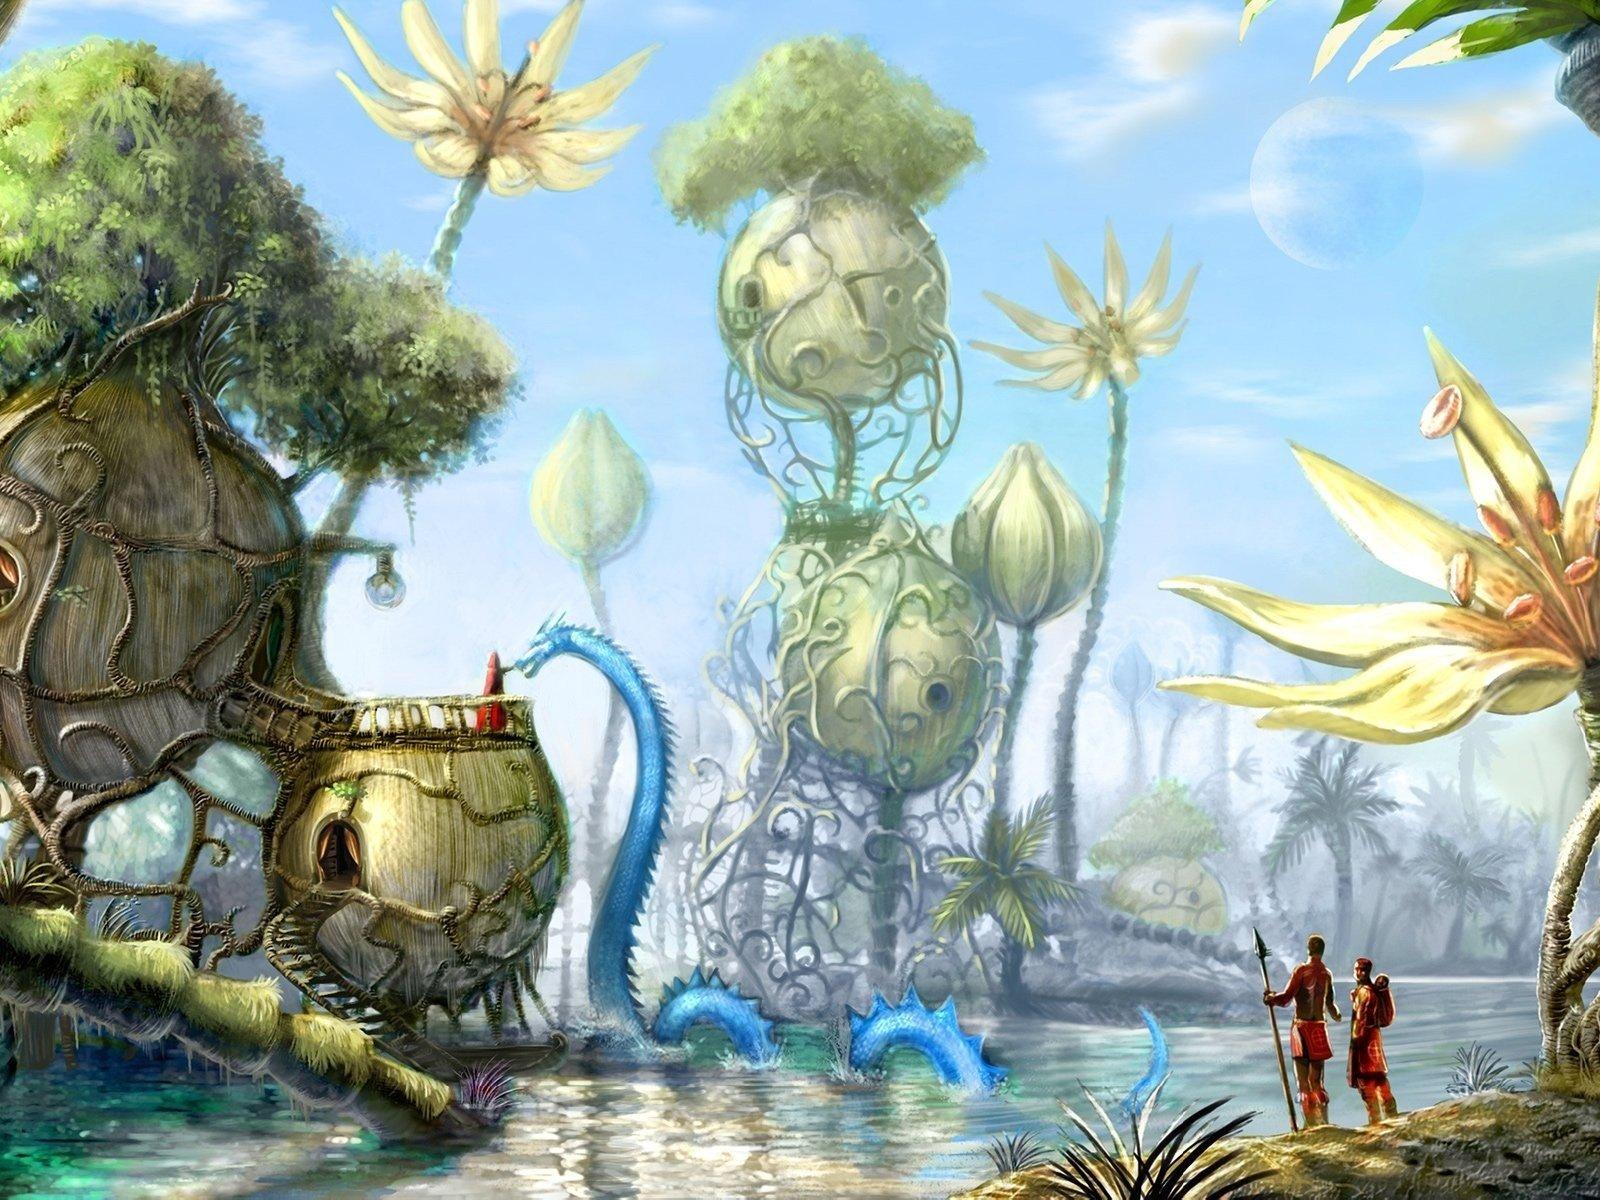 картинки фантастические миры мультяшные археологи подняли